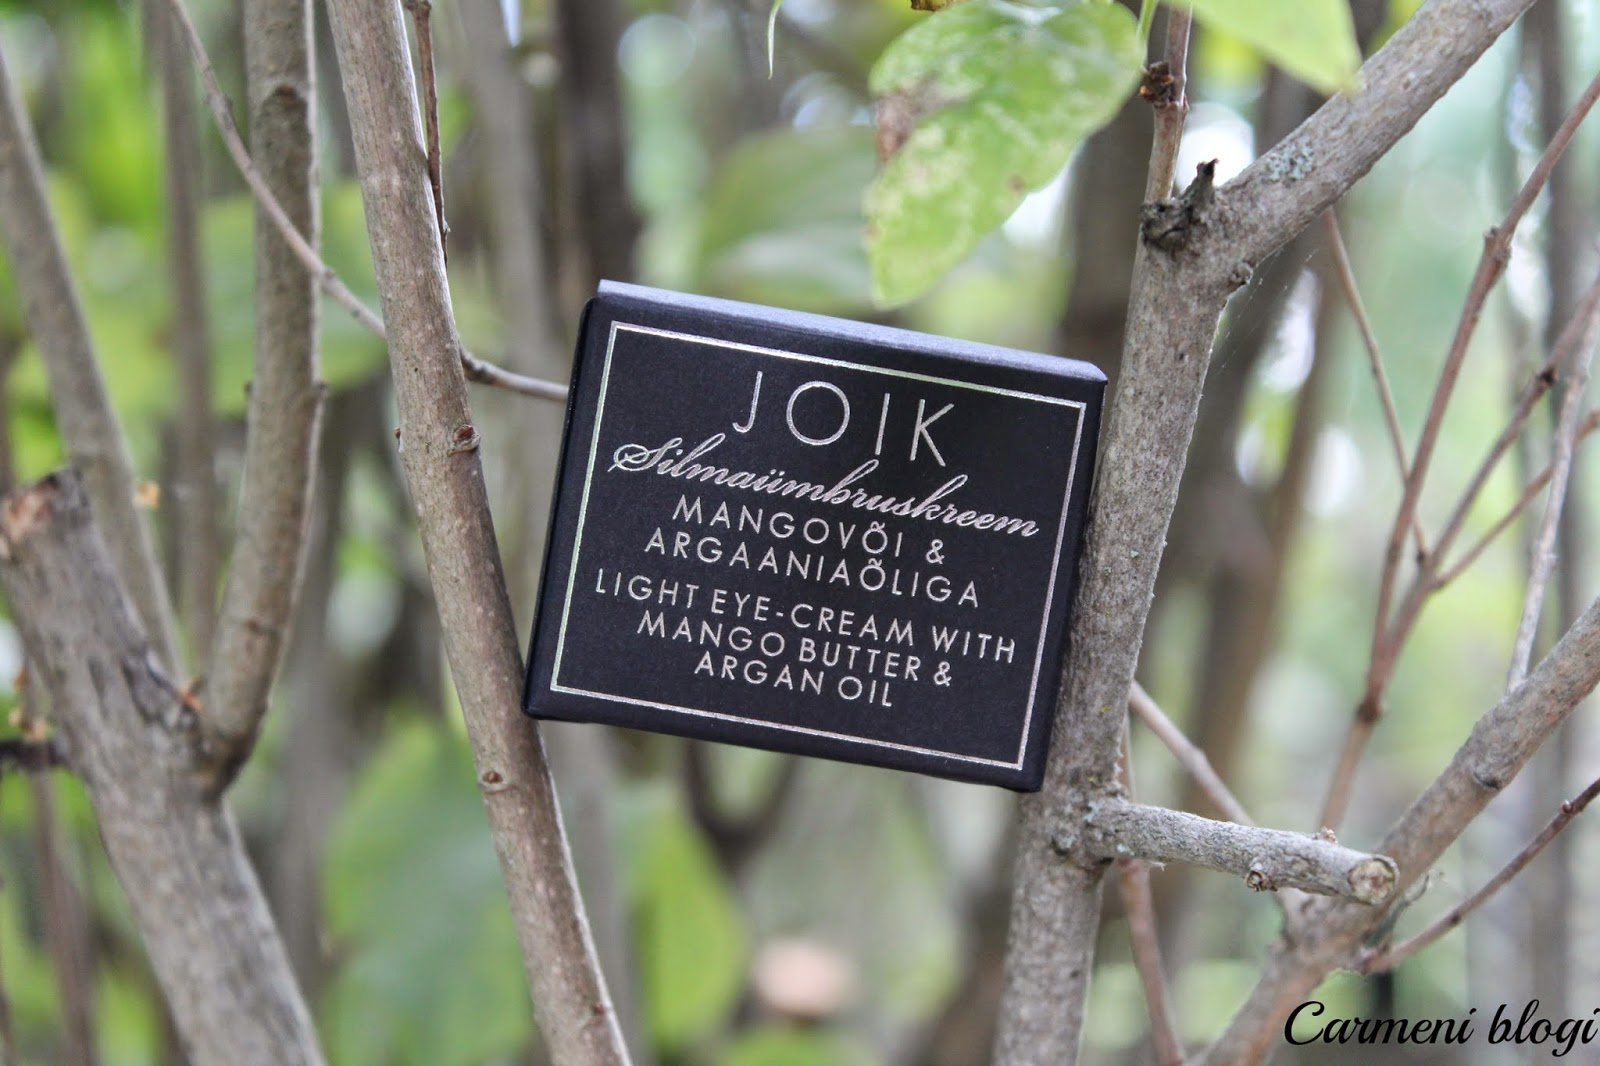 412fe6dc6cc Viimane toode firmalt JOIK on tellitud Siisoni lehelt ning selleks on  Silmaümbruskreem Mangovõi & Argaaniaõliga. Minu vana silmakreem sai otsa ja  miks mitte ...